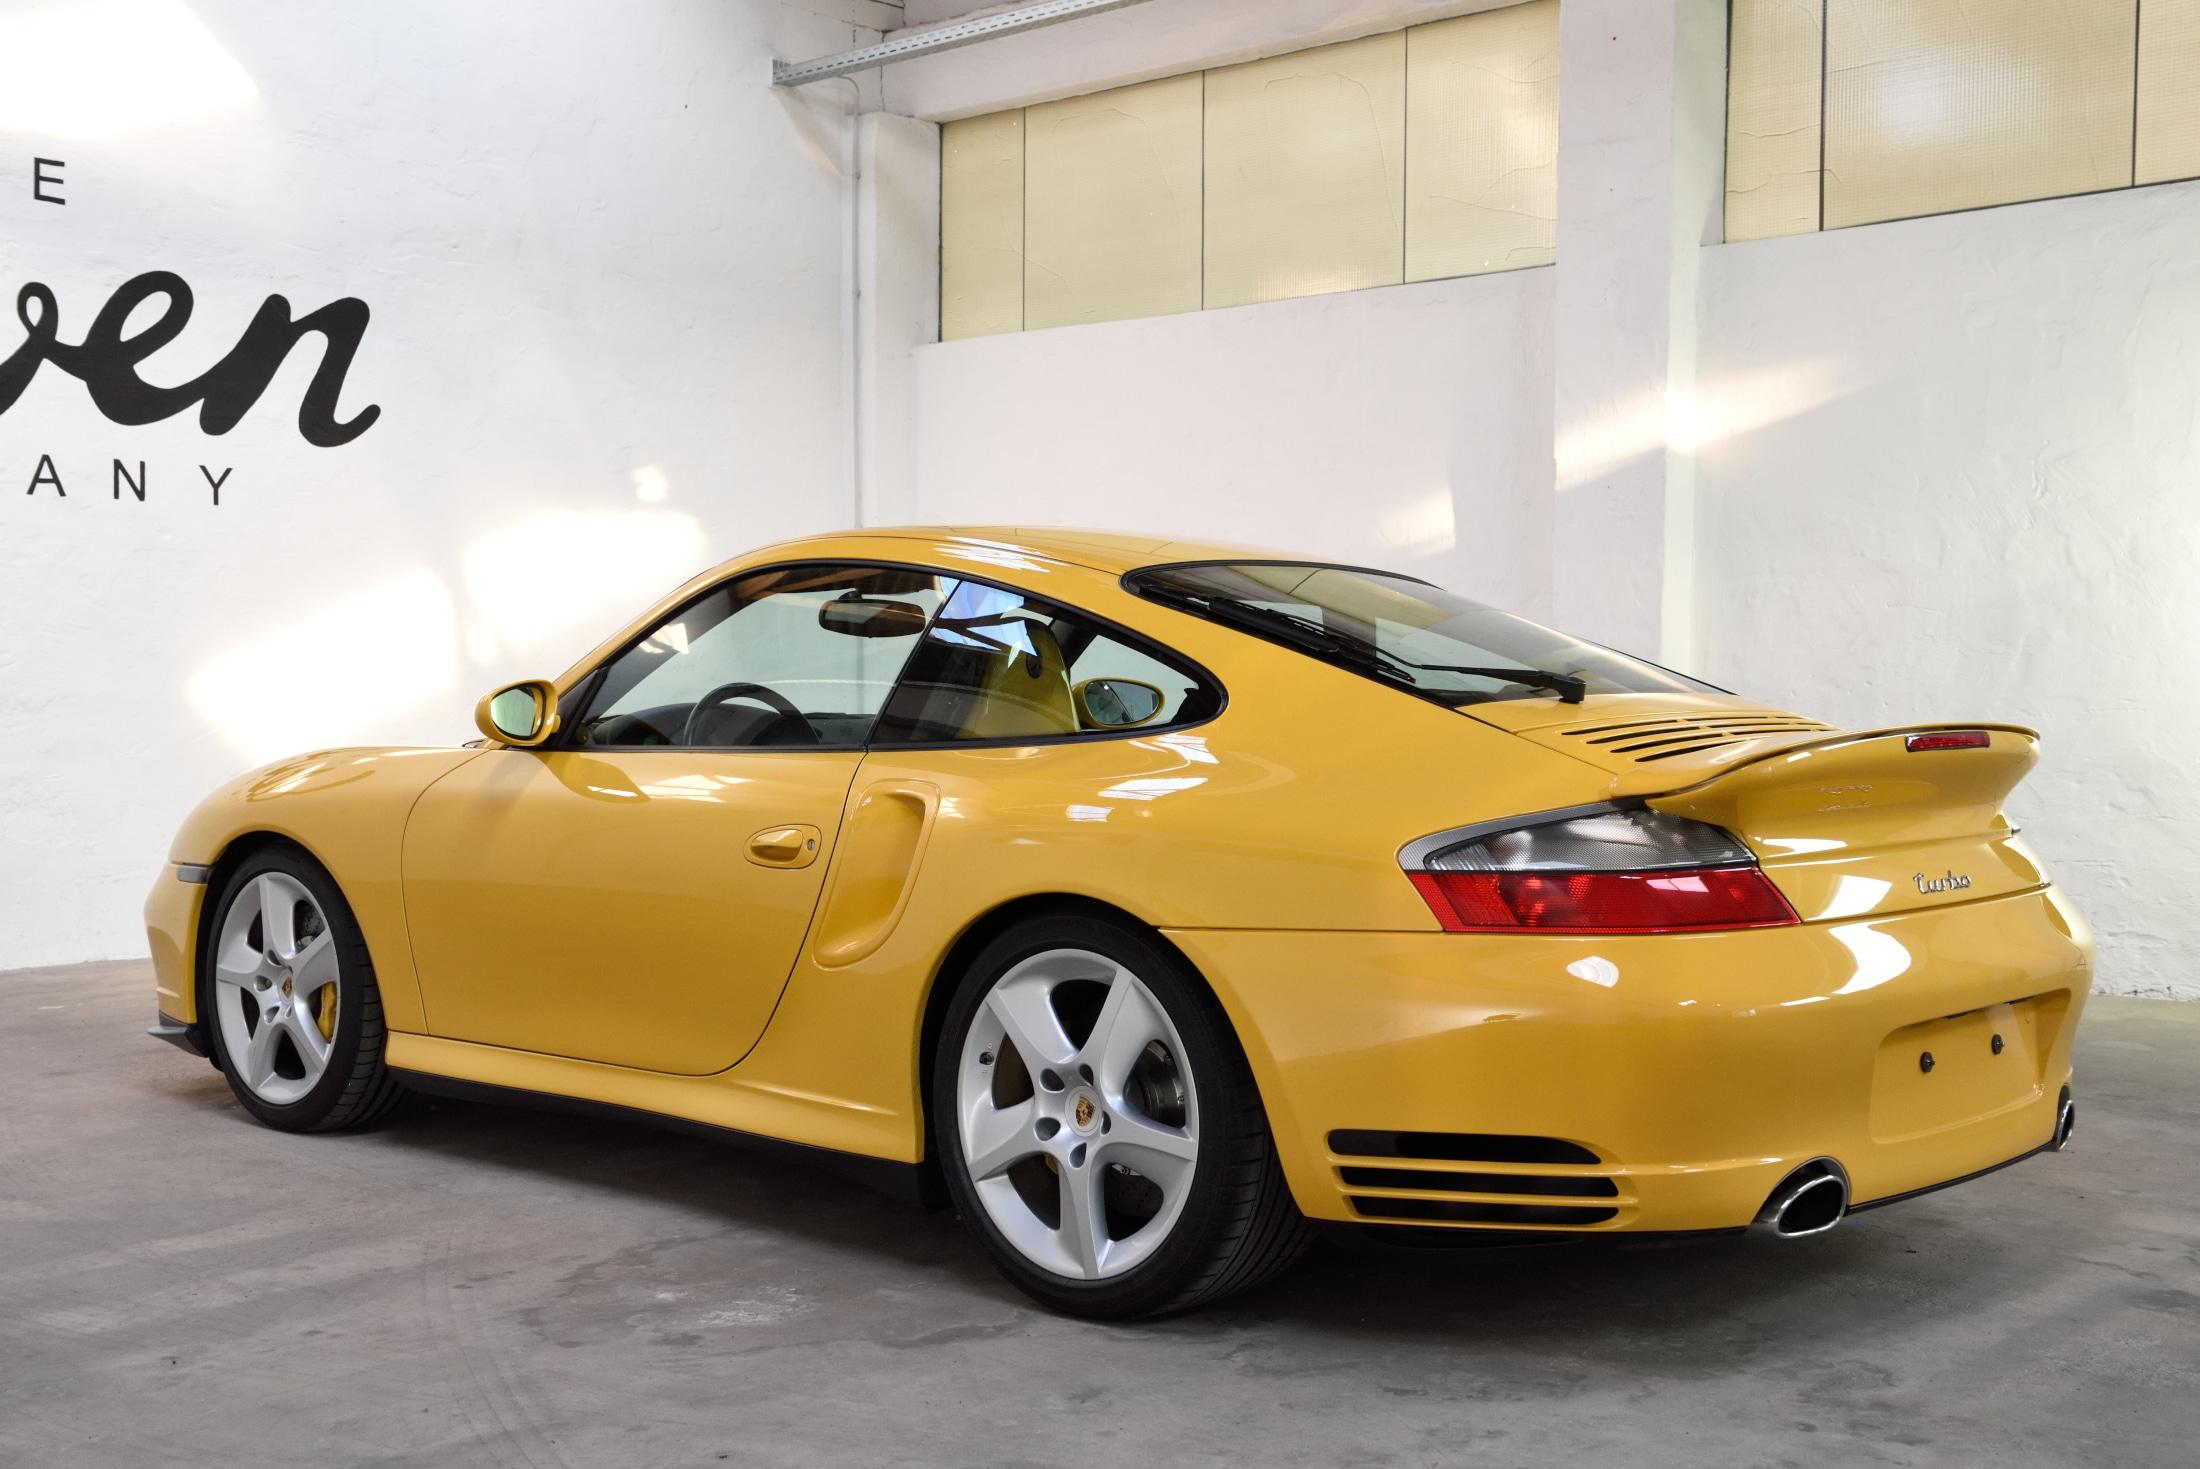 Porsche 996 Turbo X50 WLS